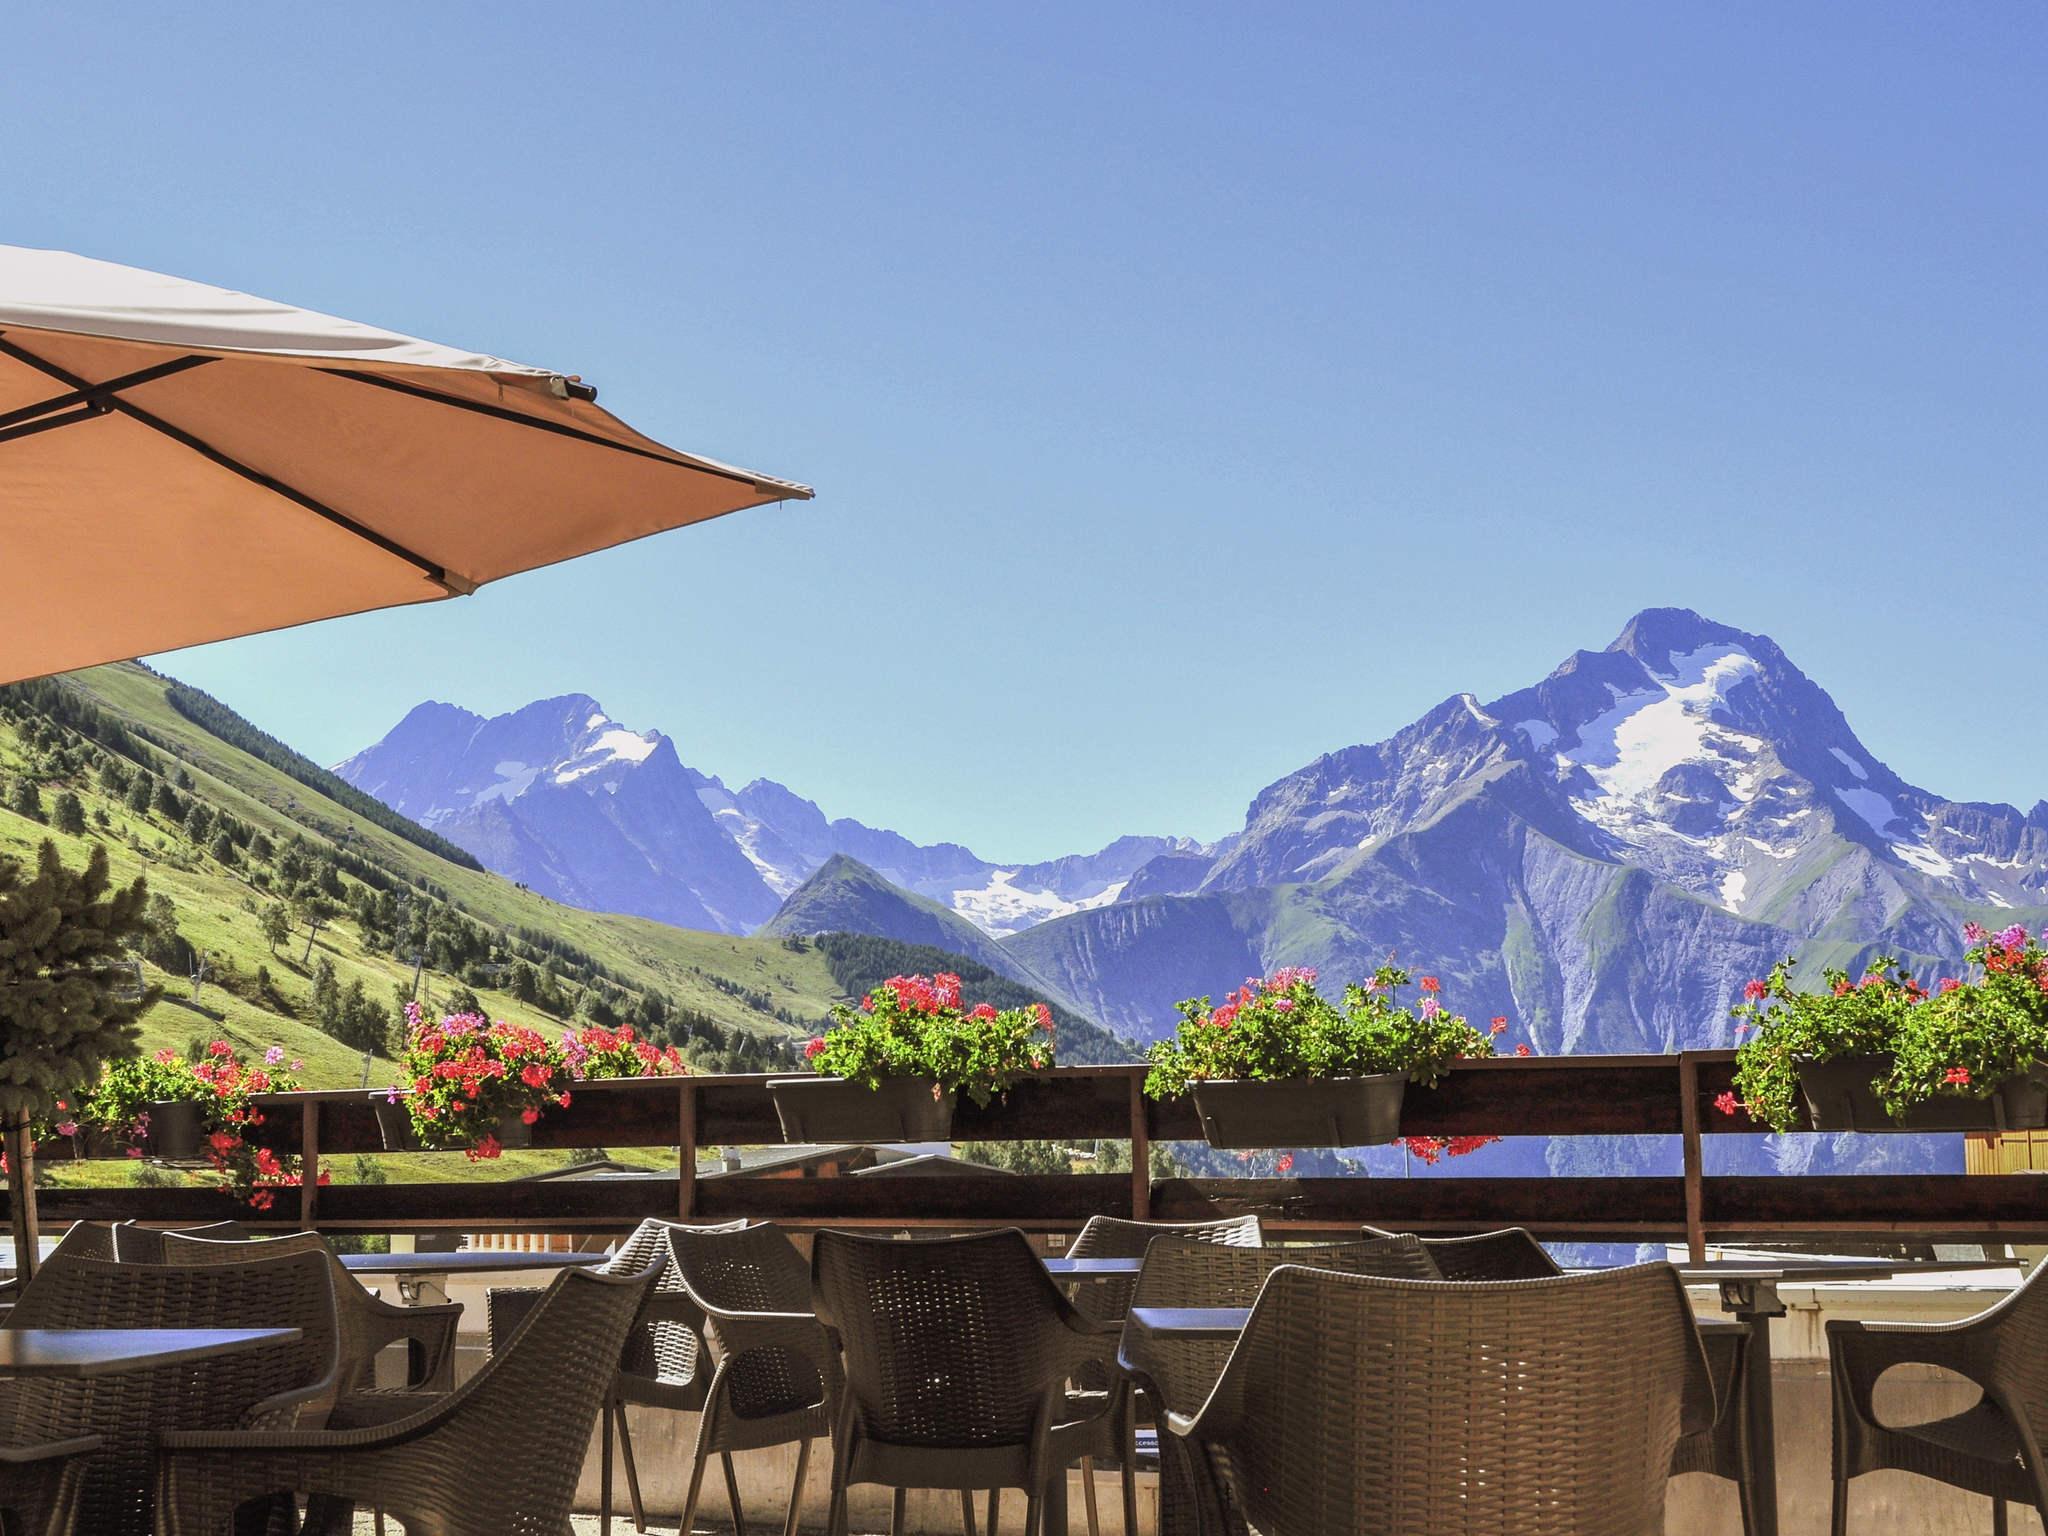 Hotel – Hôtel Mercure Les Deux Alpes 1800